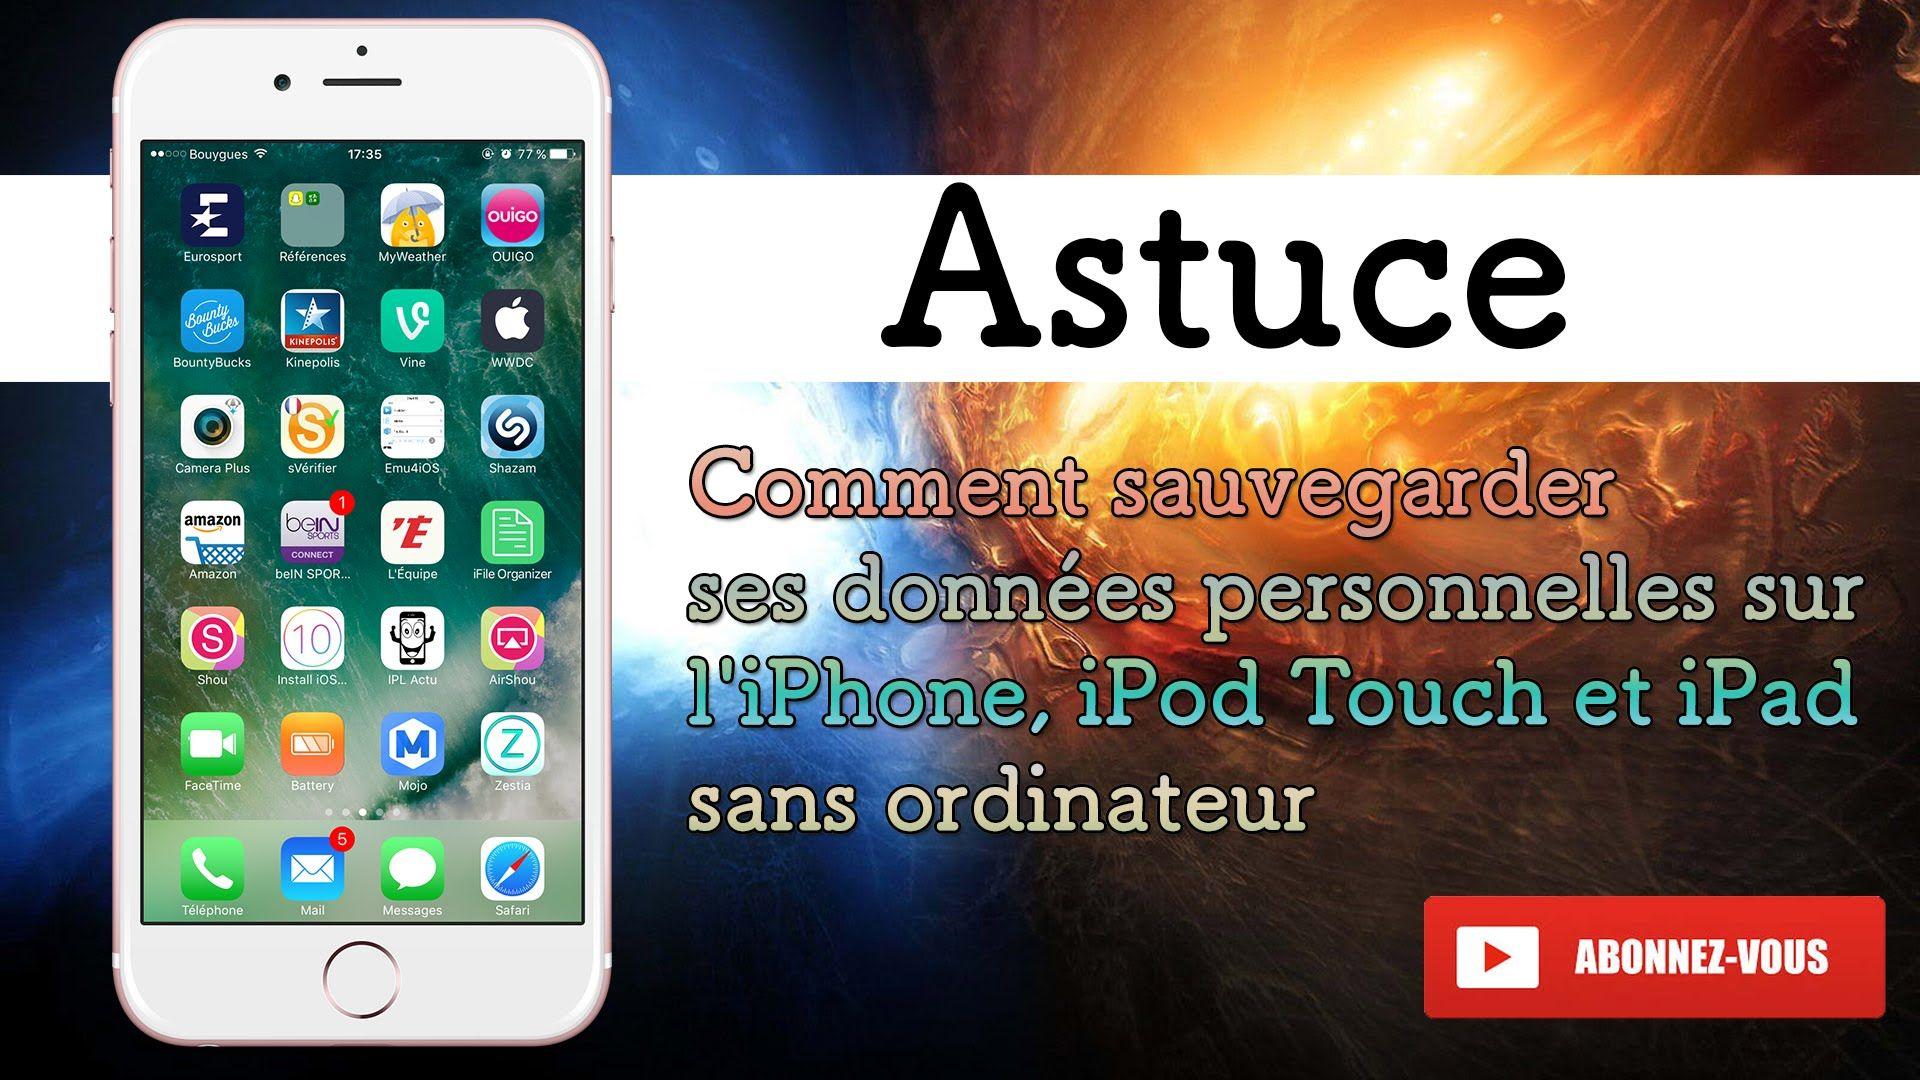 Comment Sauvegarder Ses Donnees Personnelles Sur L Iphone Ipod Et Ipad Iphone Comment Faire Ipad